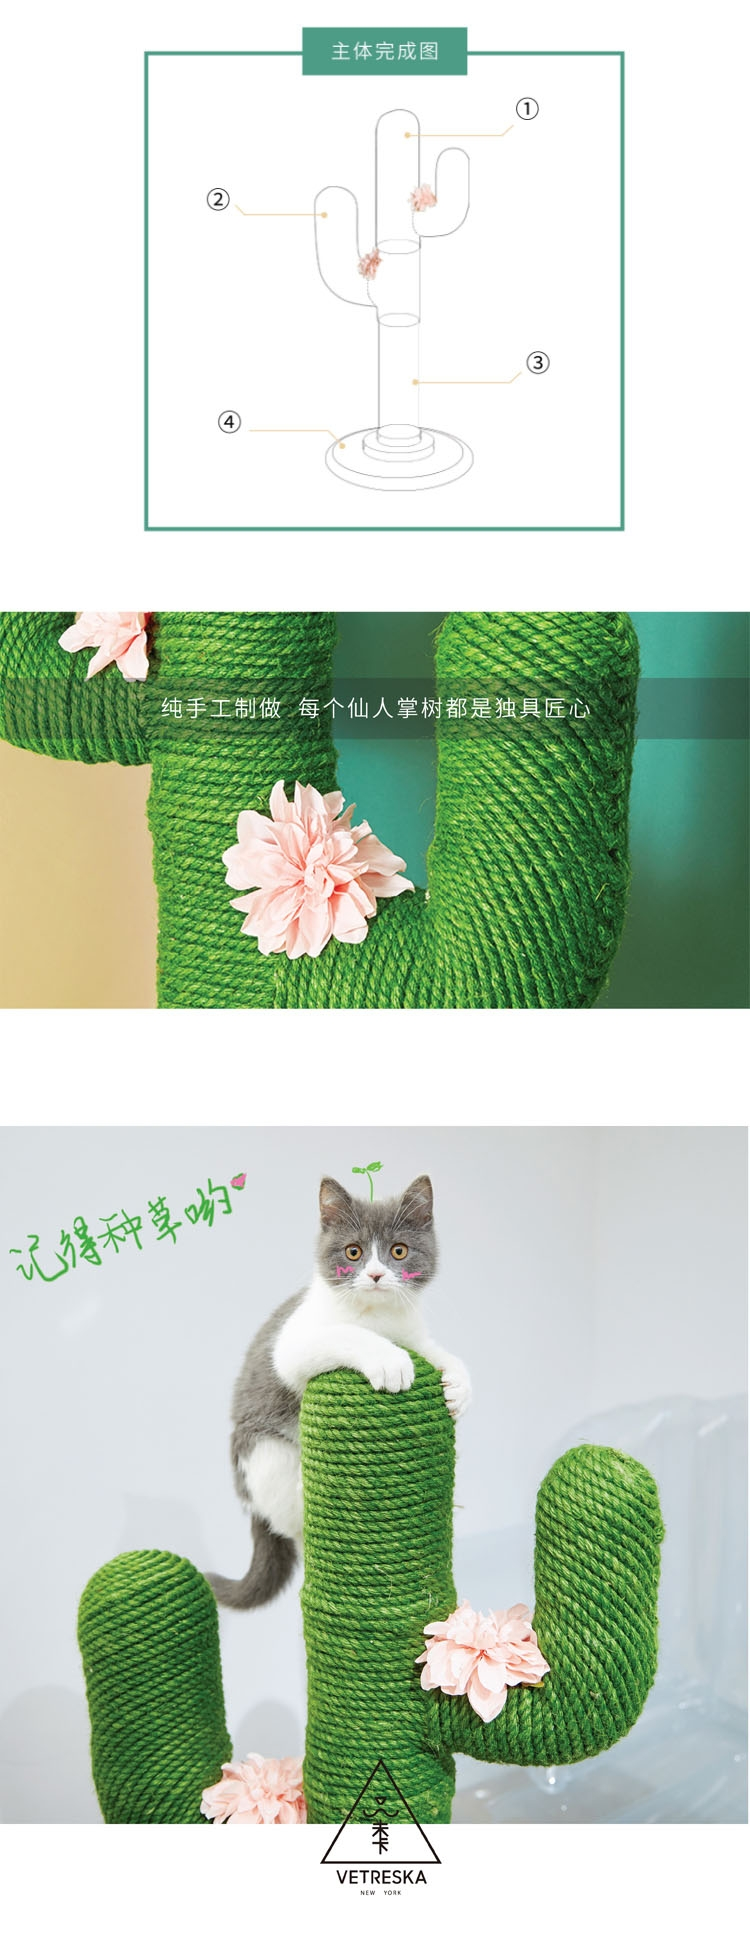 未卡Vetreska 北欧风仙人掌创意猫爬架大号 纯手工制作